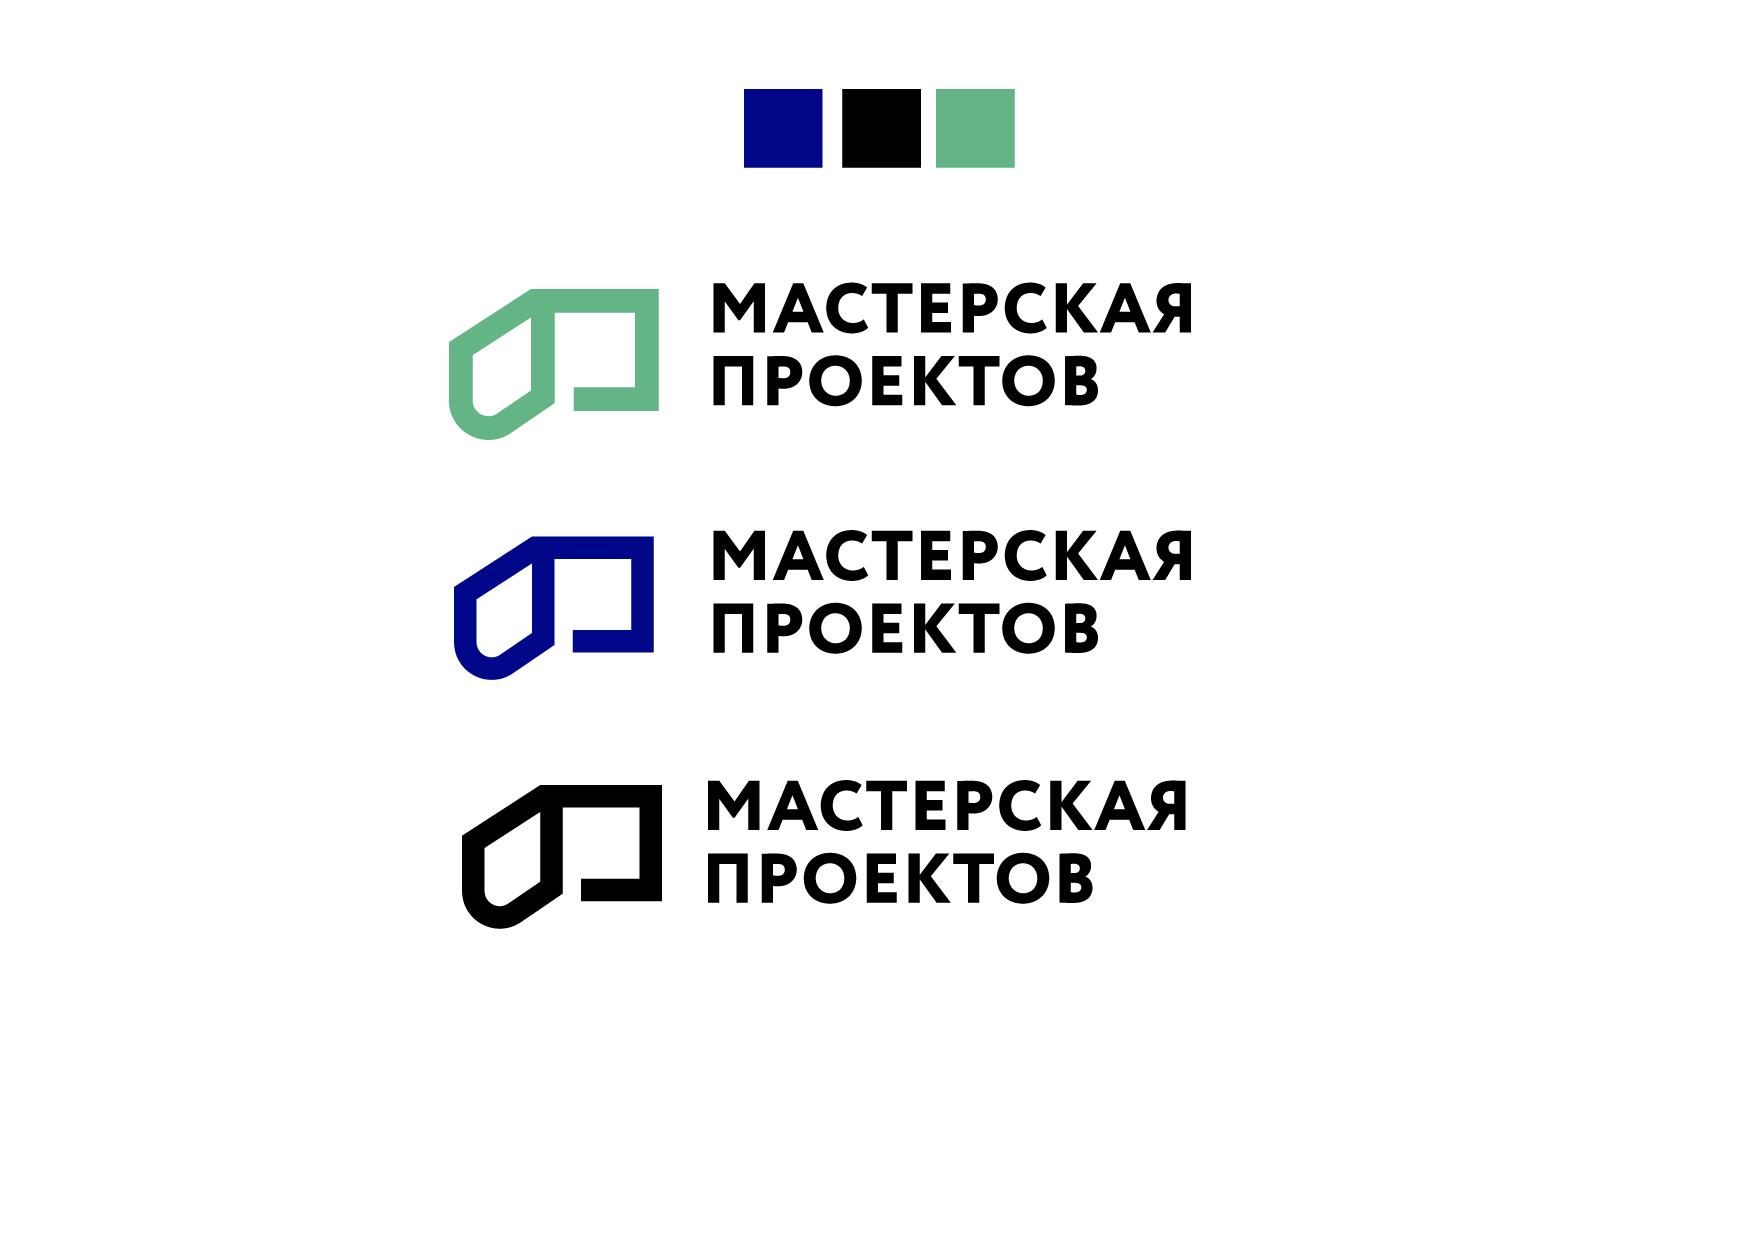 Разработка логотипа строительно-мебельного проекта (см. опис фото f_723606e13b1126a7.jpg